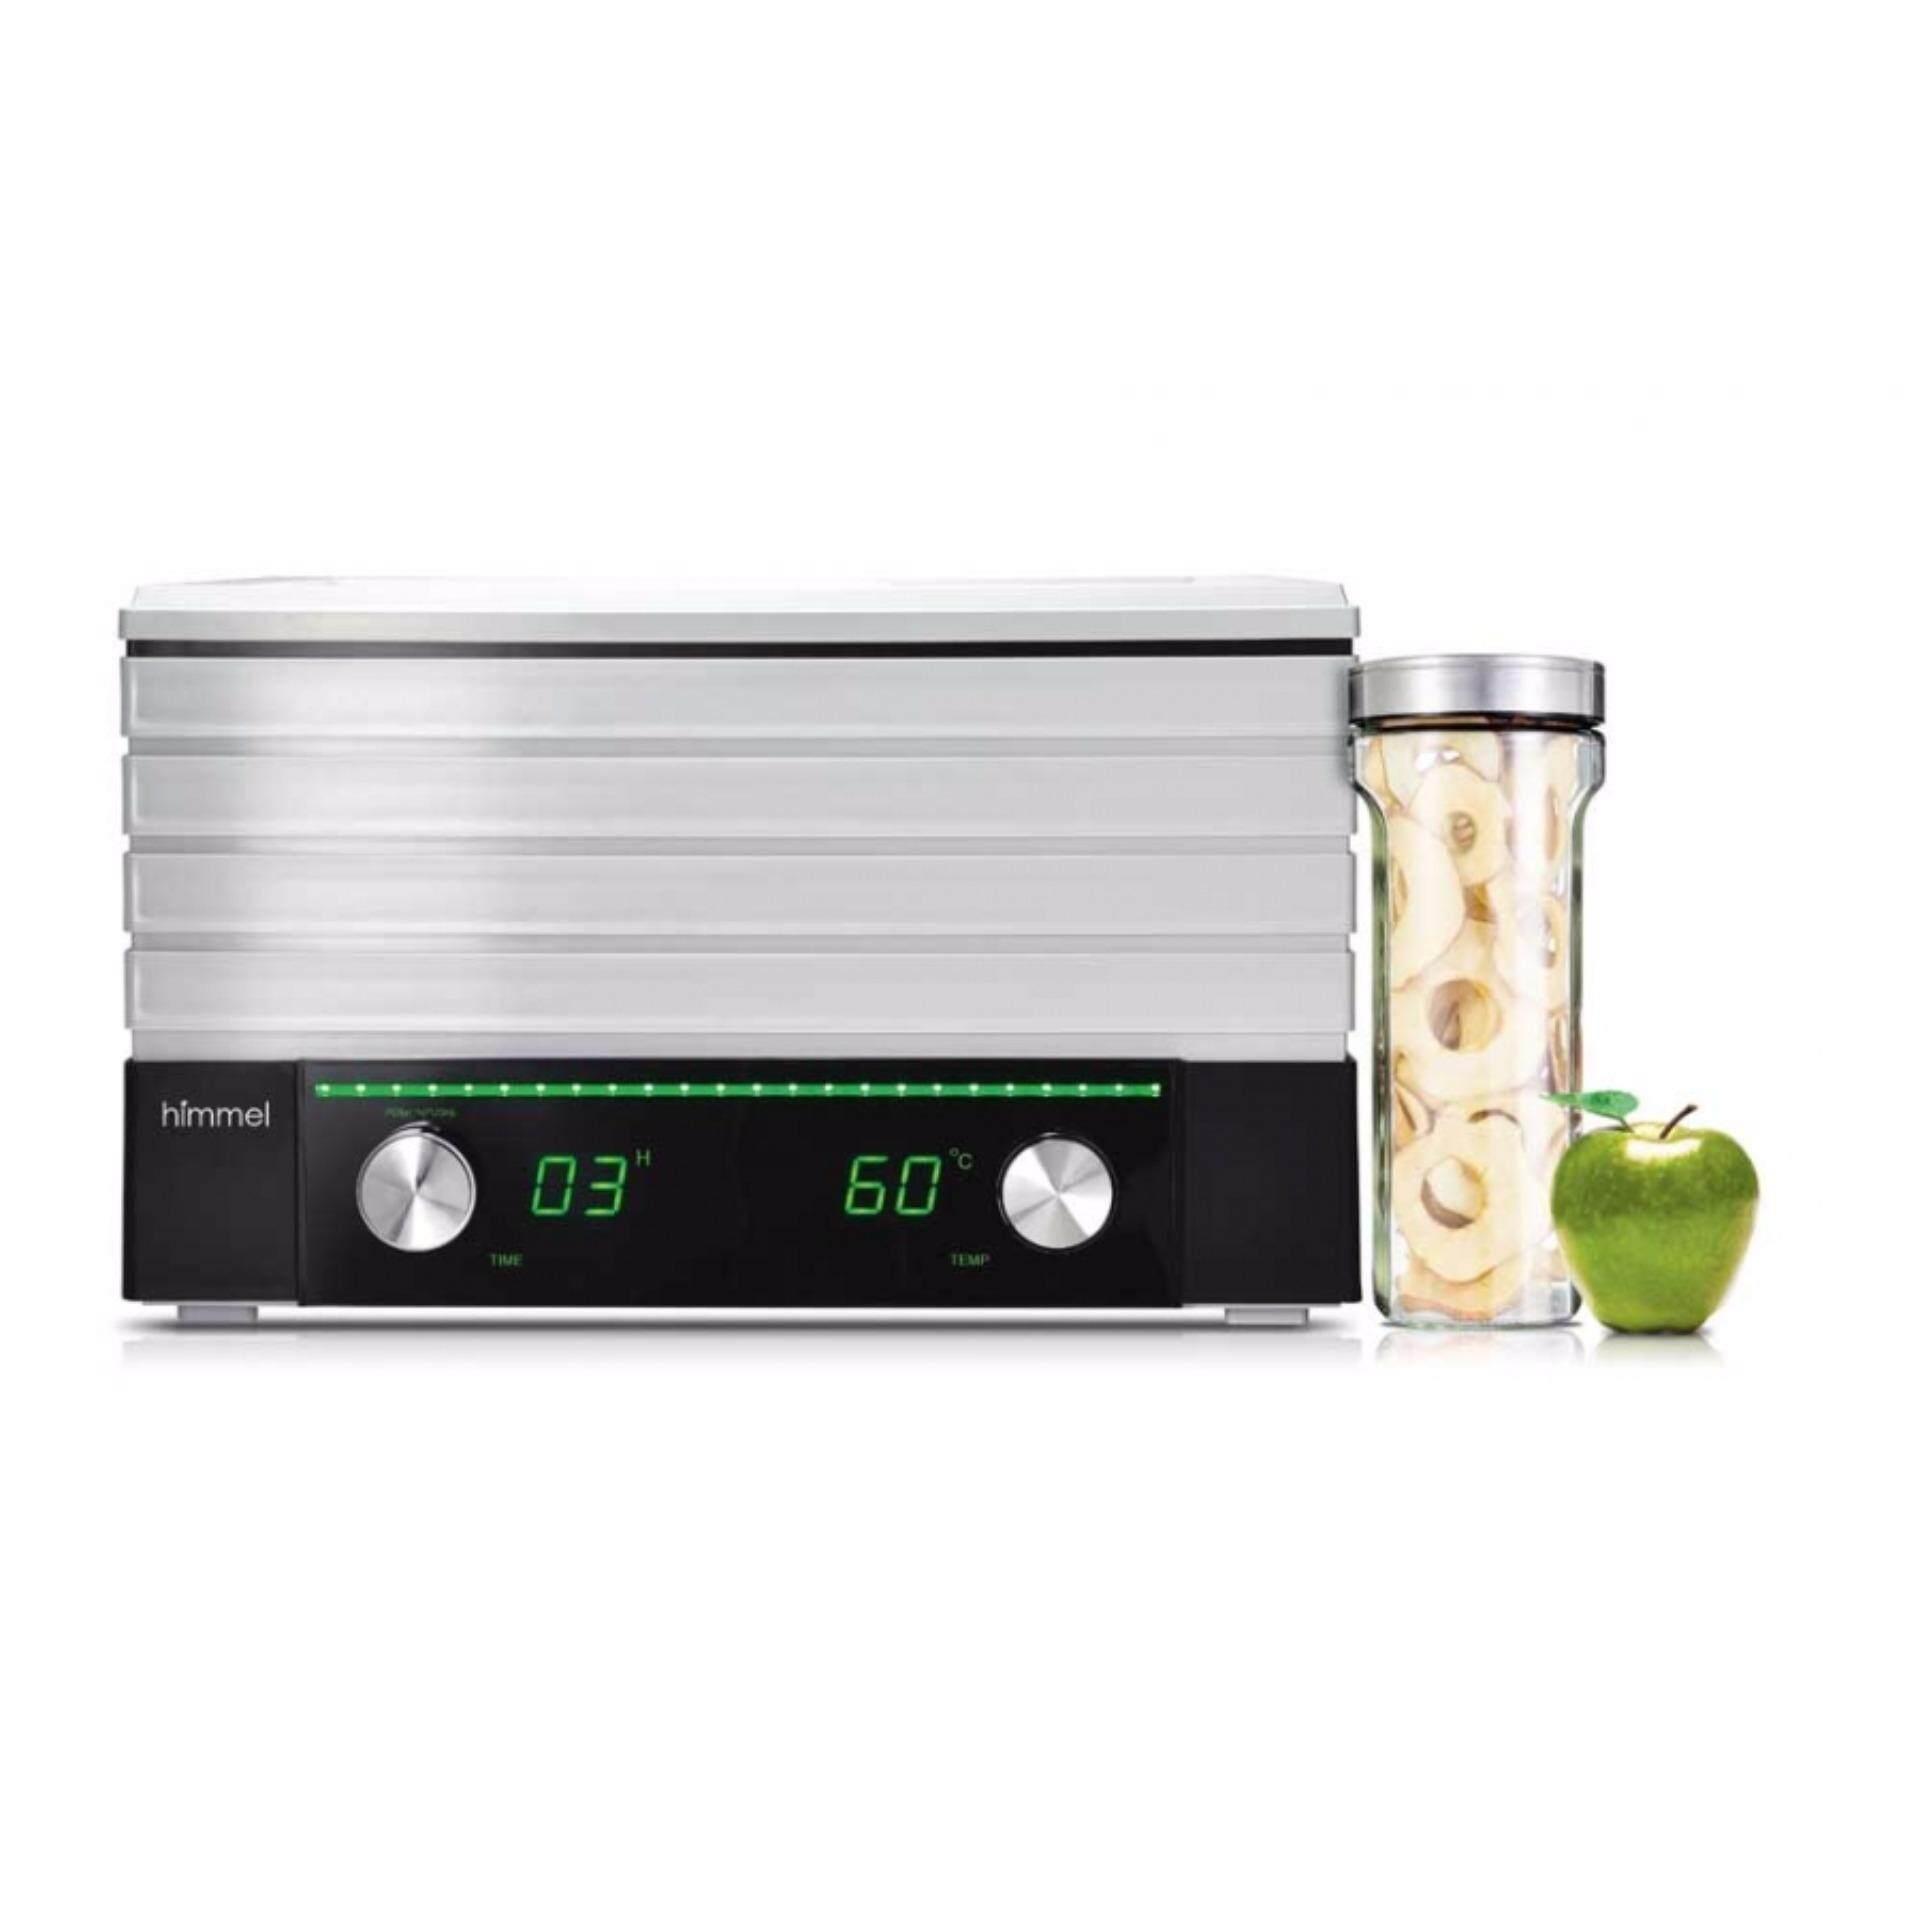 Pan, Egg Maker, Kitchen Scale, Rice cooker, Pressure Cooker, Slicer